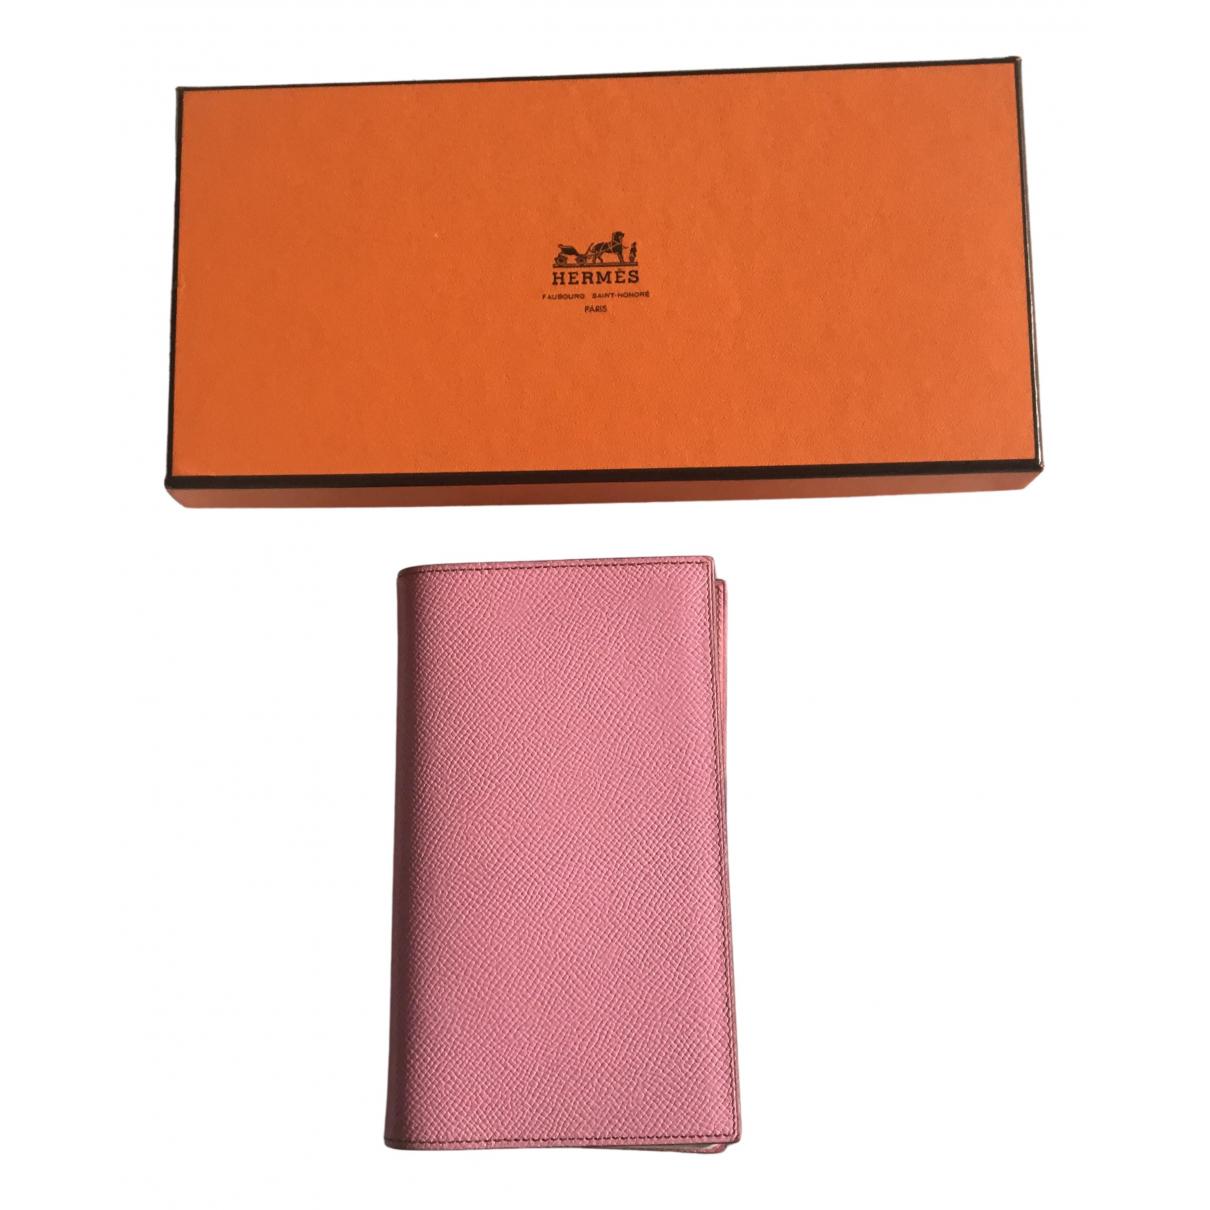 Hermes - Objets & Deco Couverture dagenda GM pour lifestyle en cuir - rose